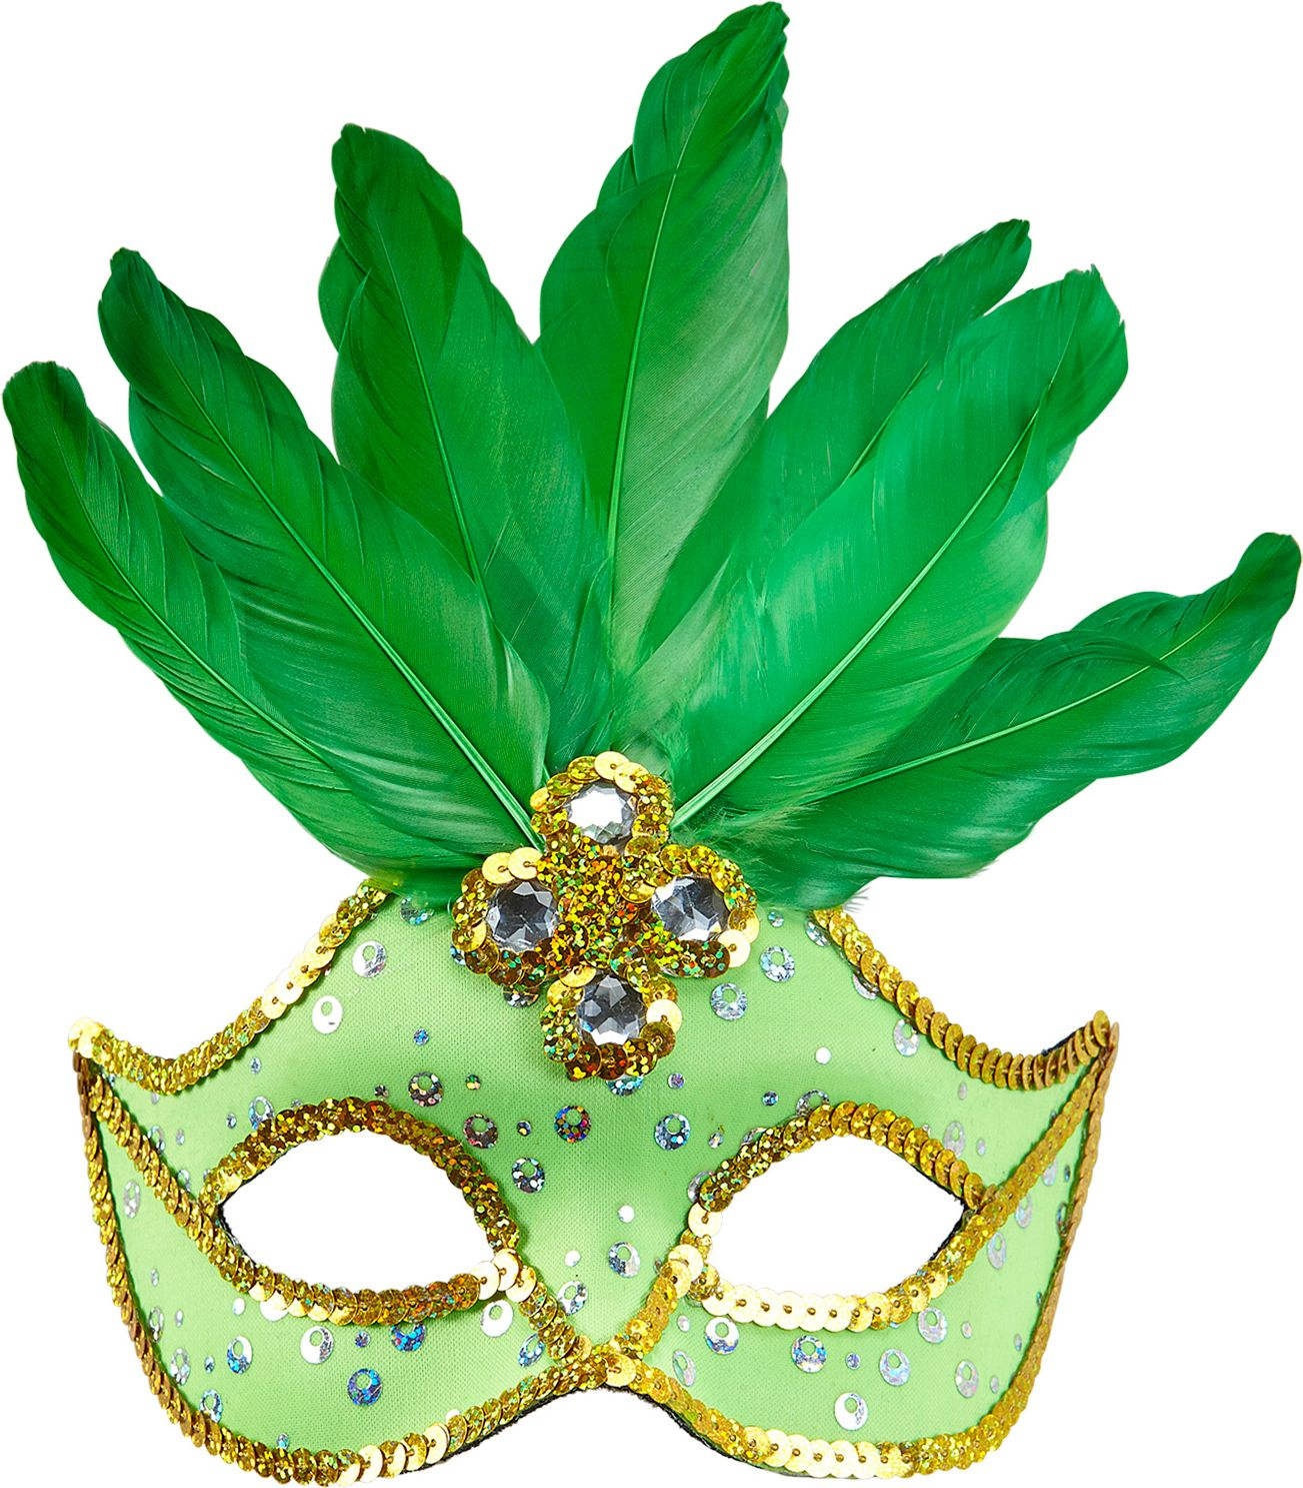 Neon groen braziliaans oogmasker met veren en parels